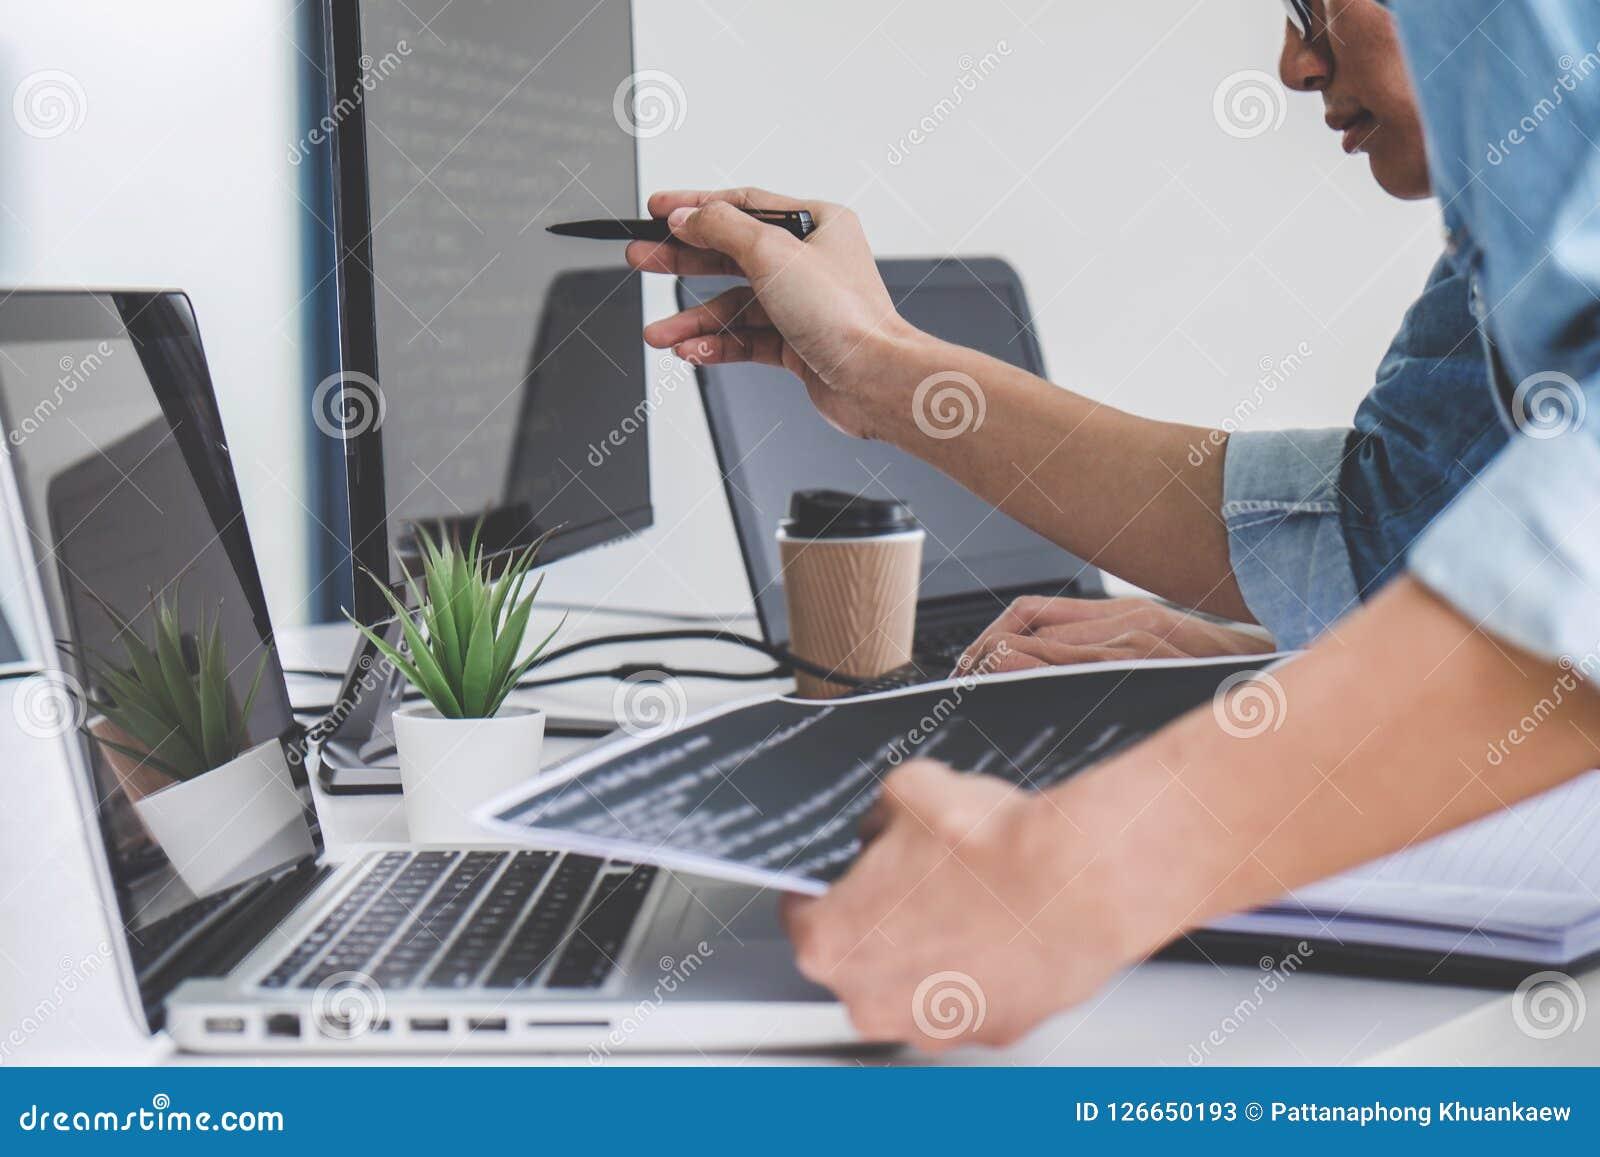 Programmeurs die bij het Ontwikkelen van programmering en website samenwerken wo